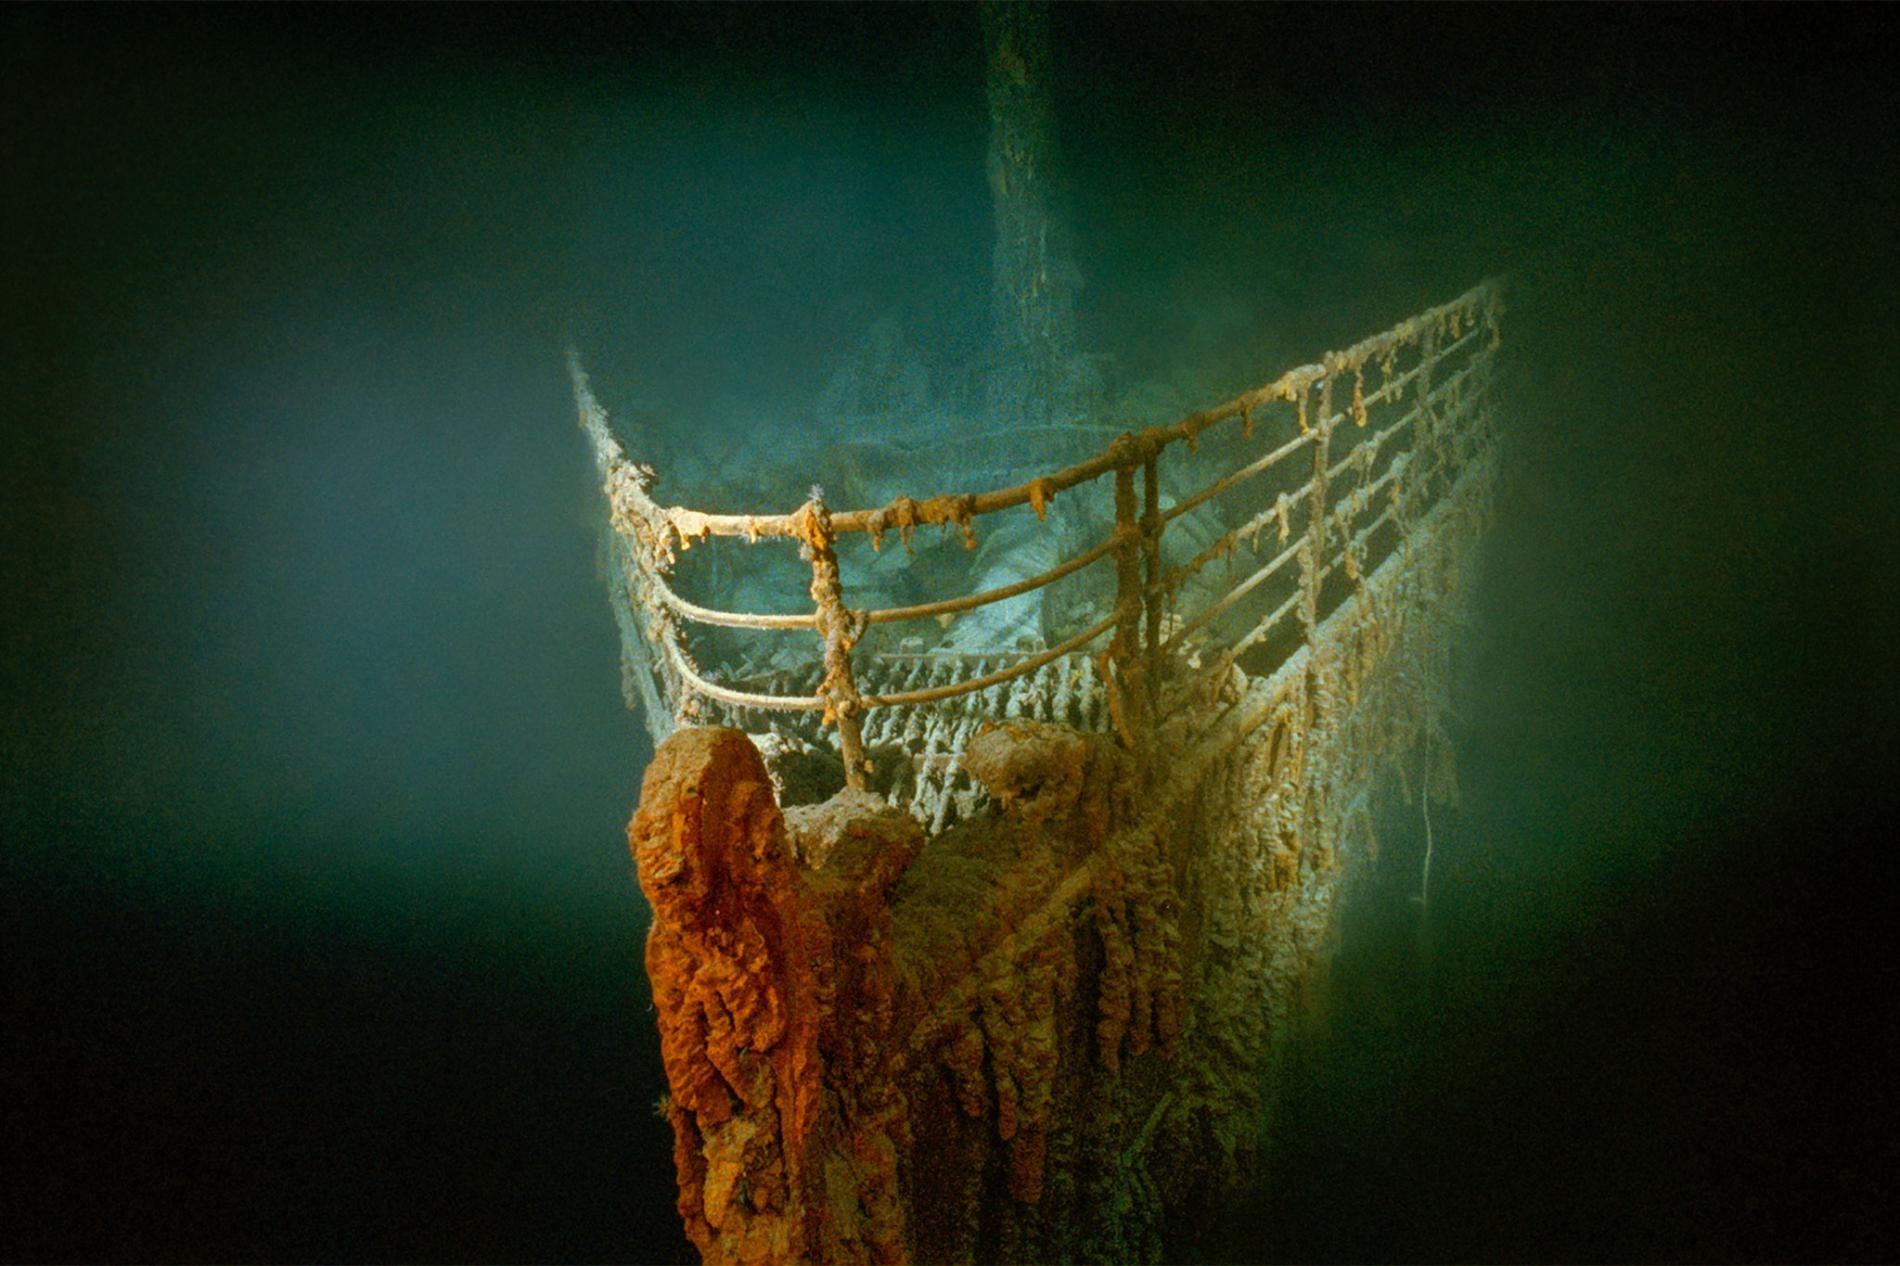 затонувший титаник картинки фото бани или